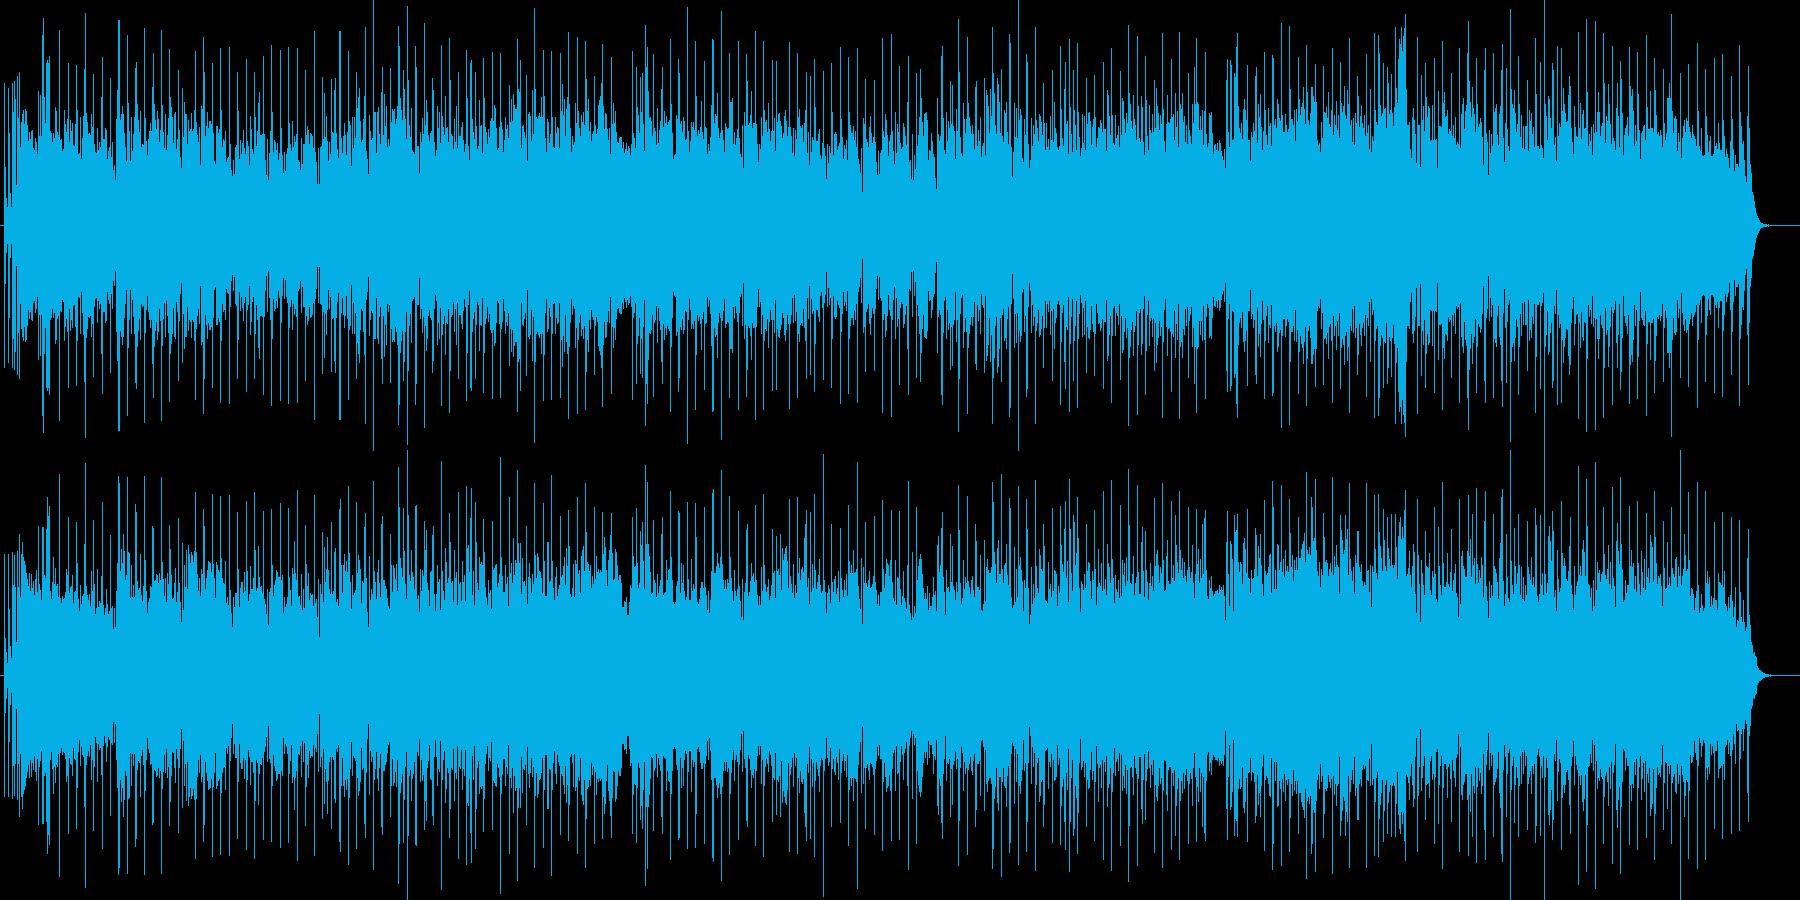 力強い正統派ロック・フュージョン バトルの再生済みの波形